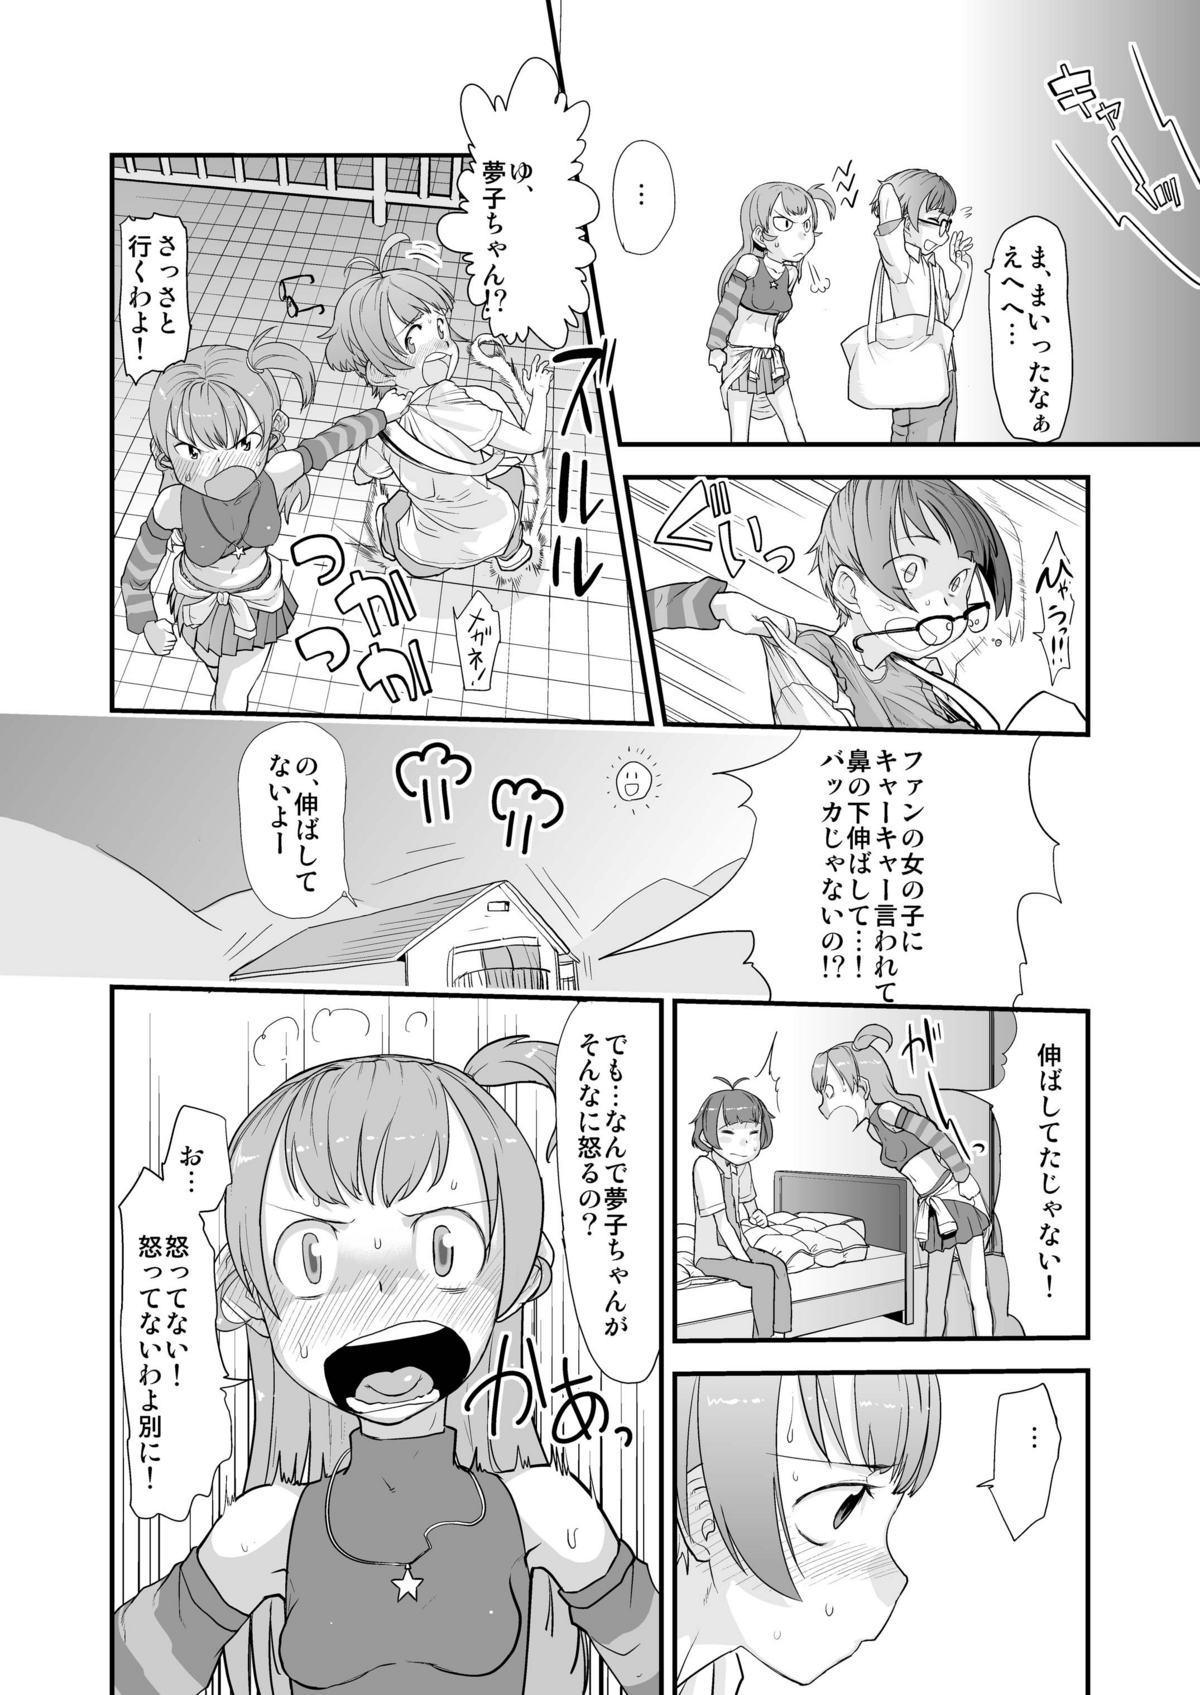 Anata to Ikiru, Subarashii Sekai! 2